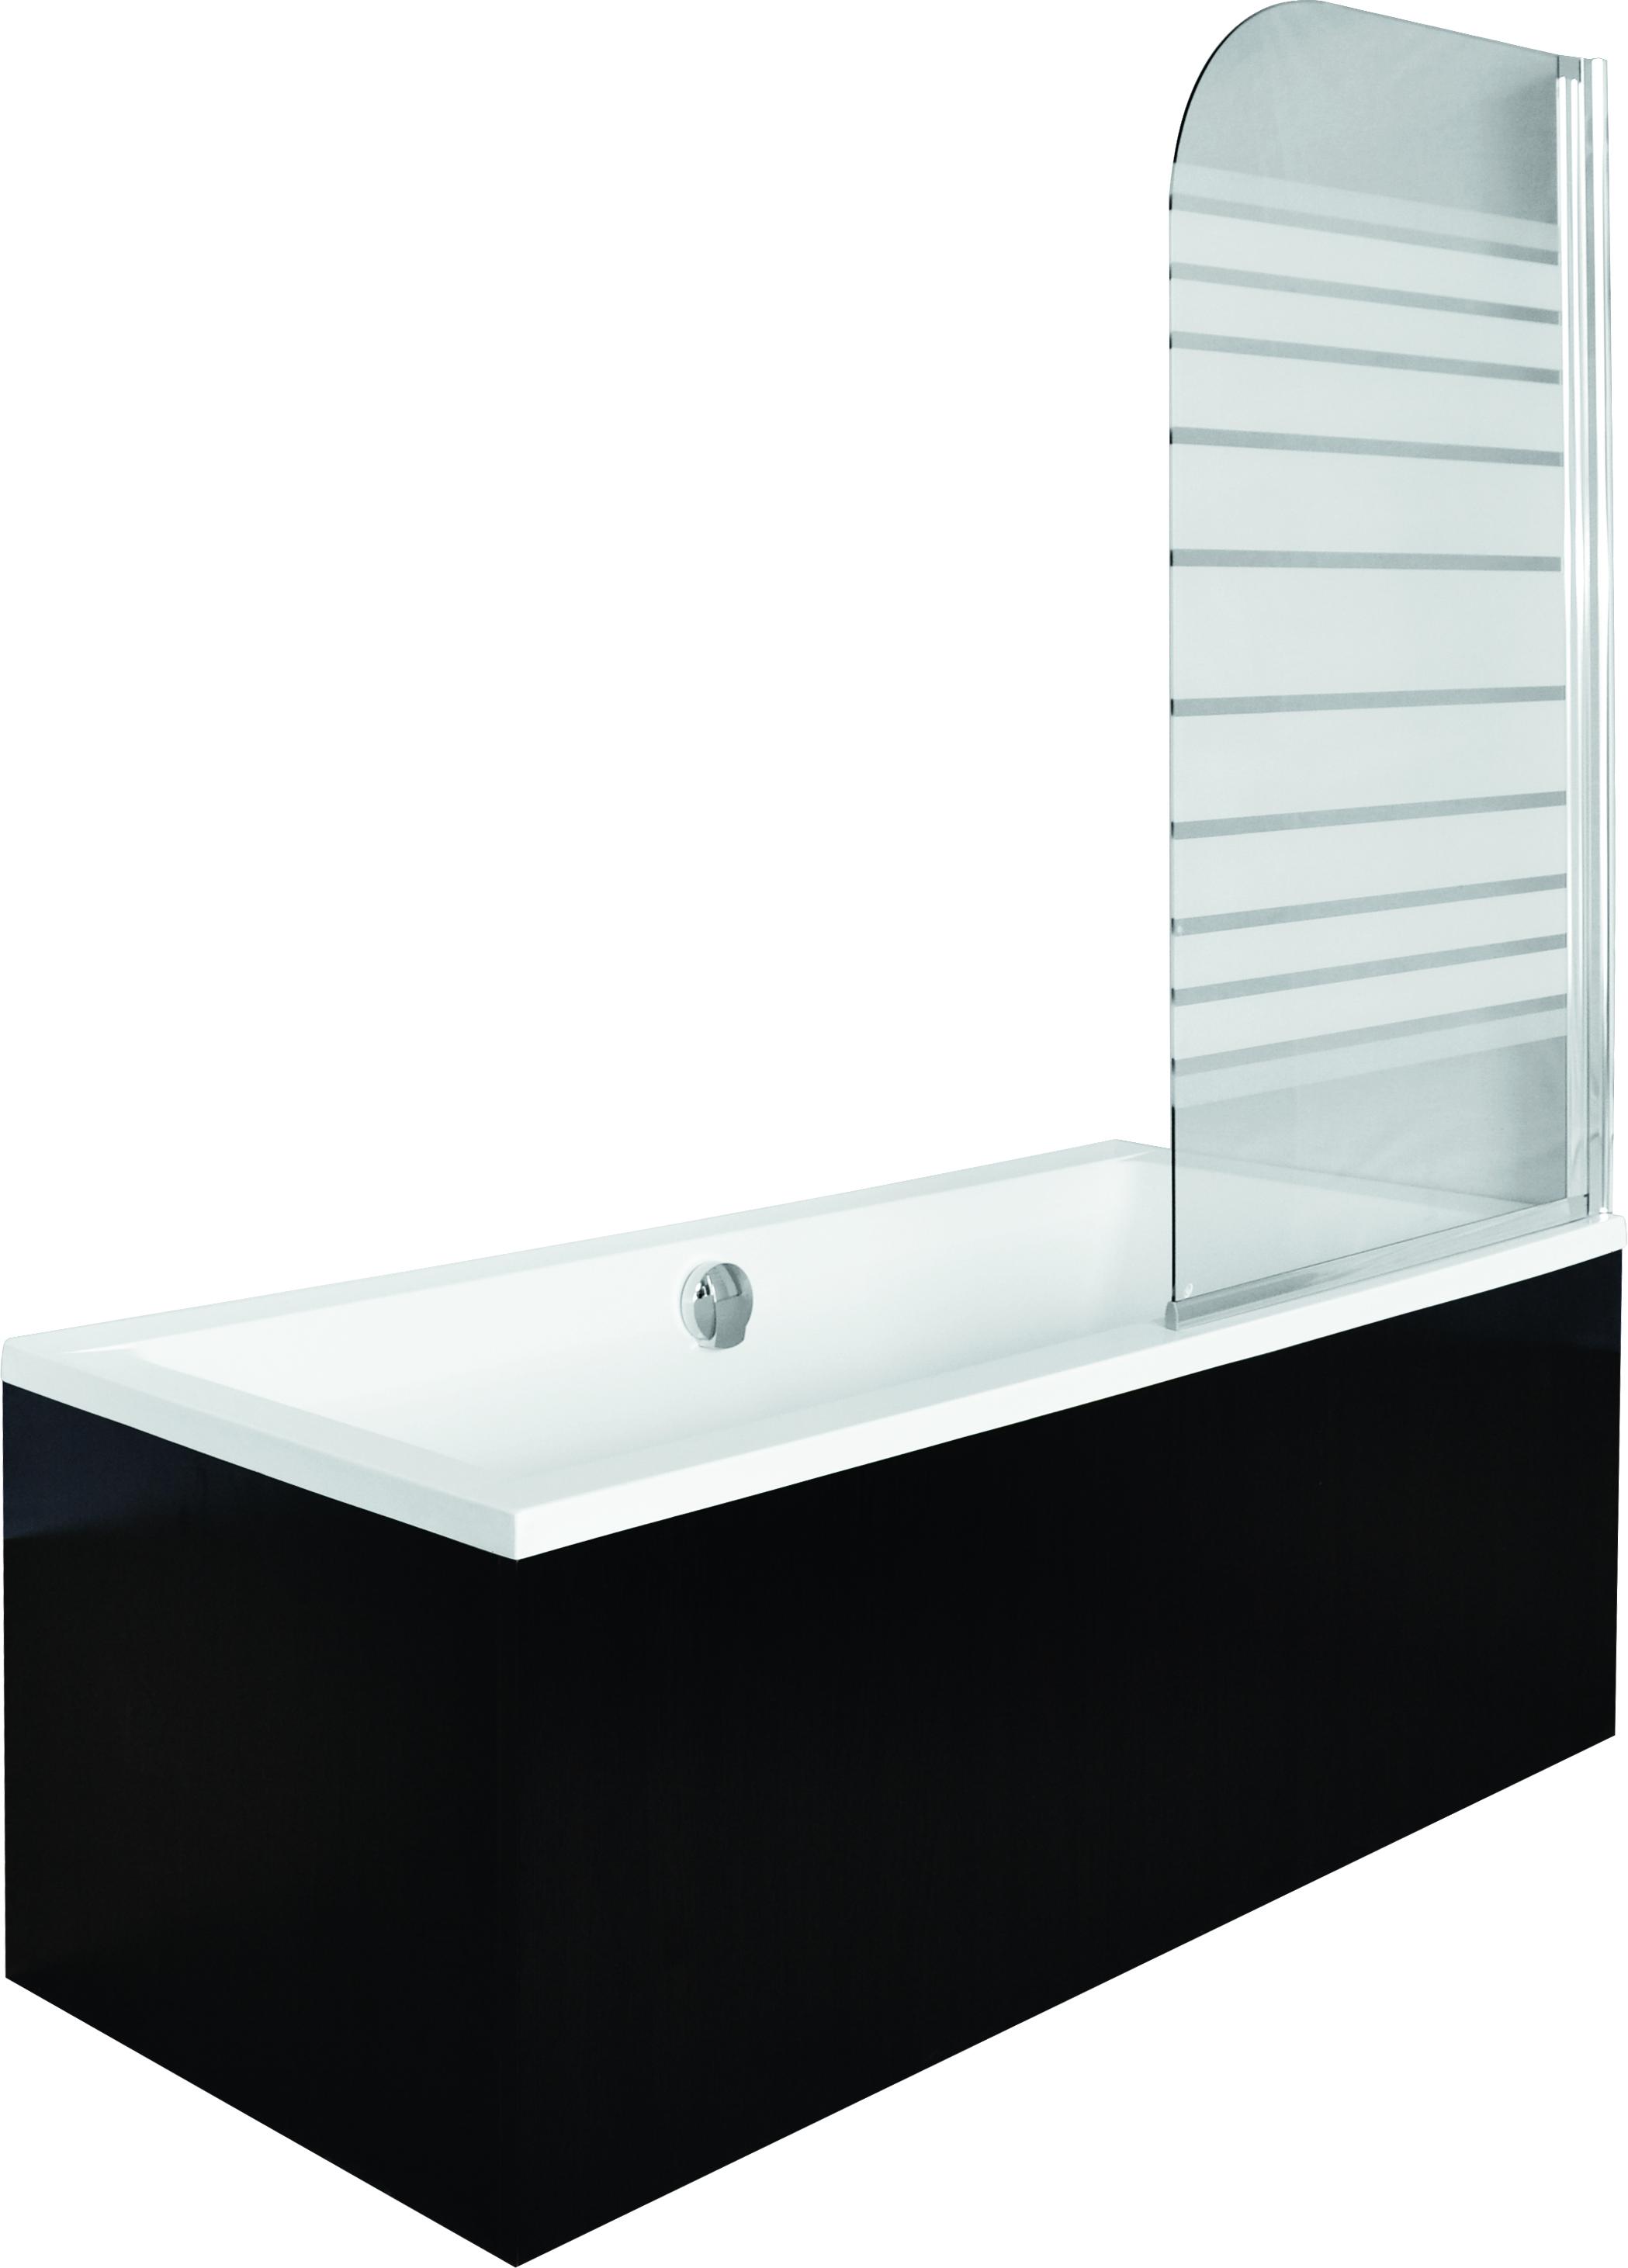 Paravan cada Besco Ambition 1 un element mobil 75 x 130 cm sticla opaca 5 mm profil crom